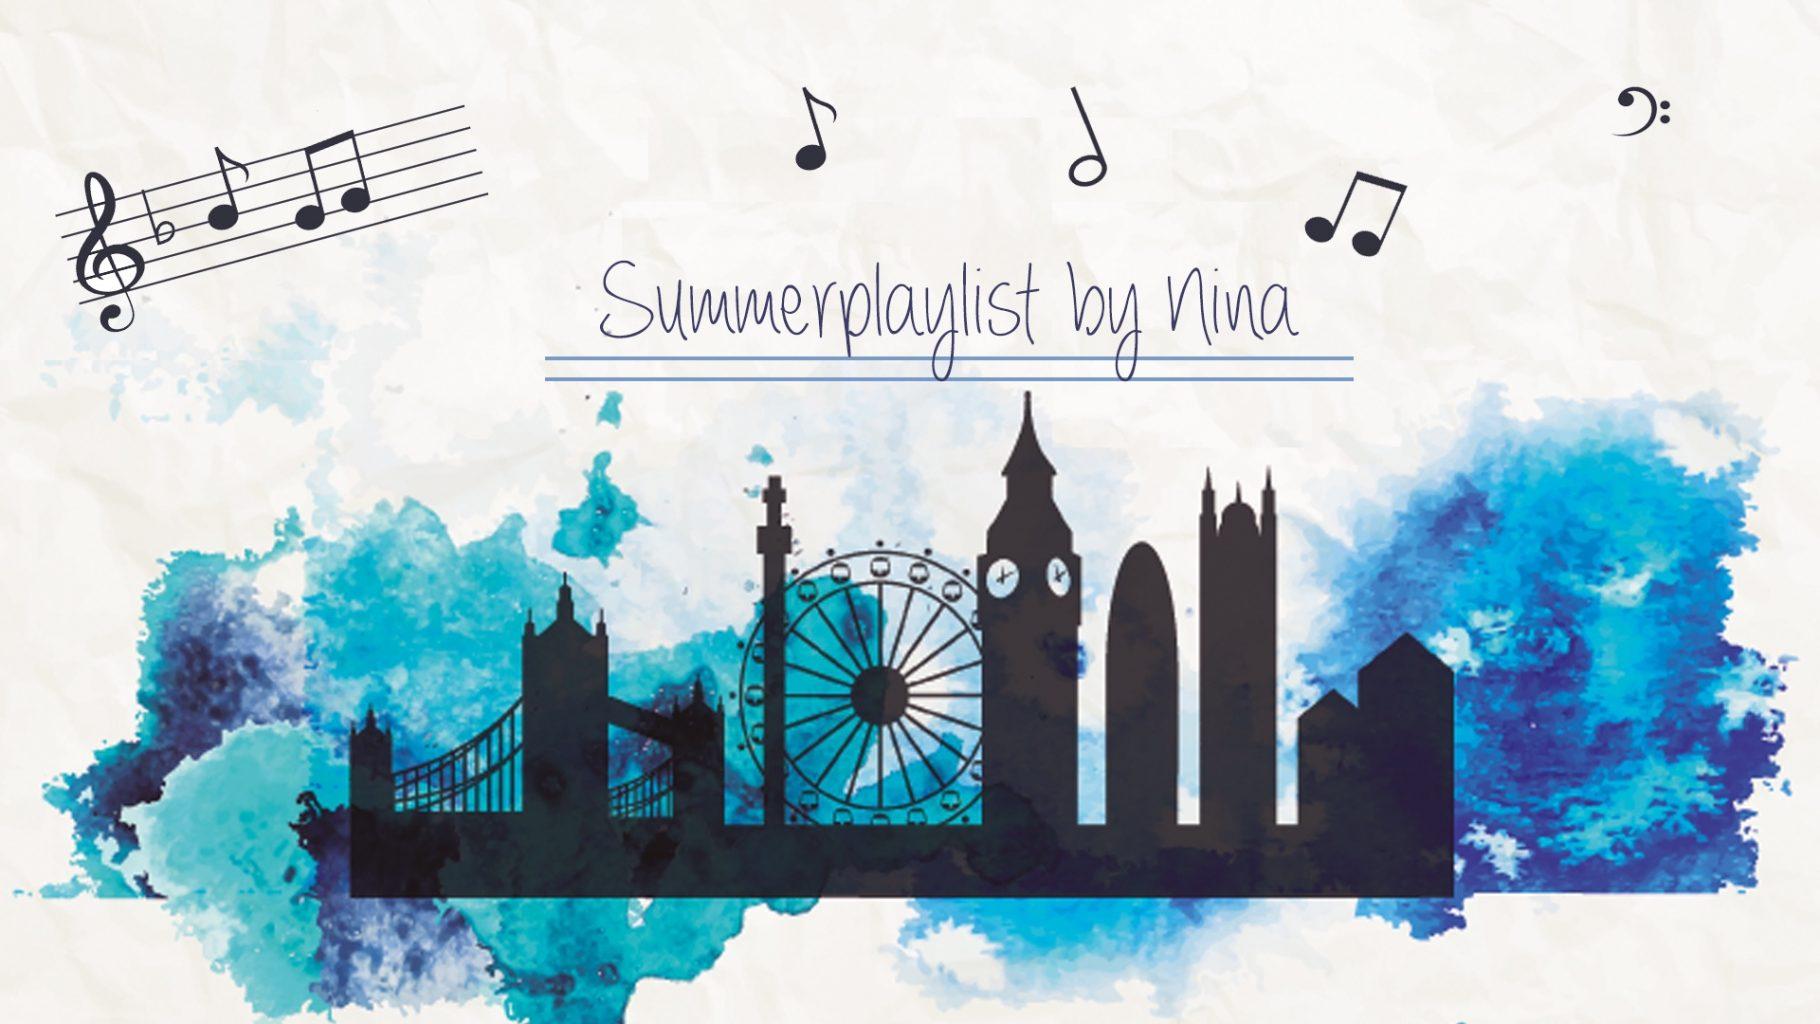 Summerplaylist by Nina